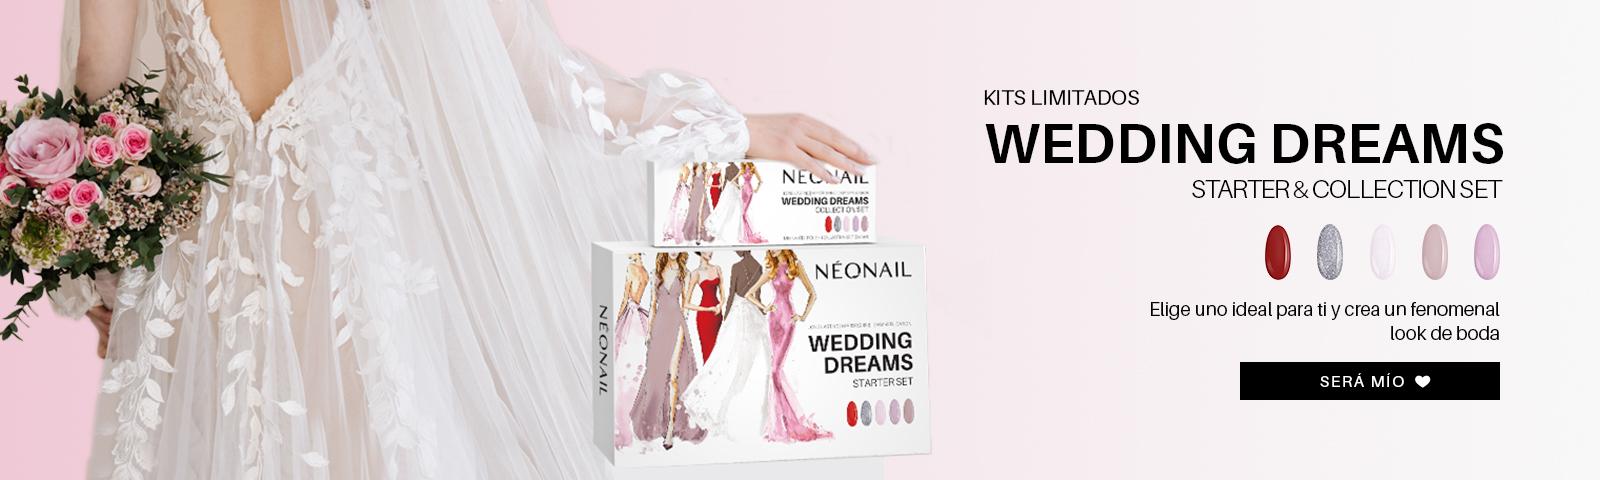 Kit Wedding Kits limitados para bodasPreciosos colores  Dí sí, quiero❤